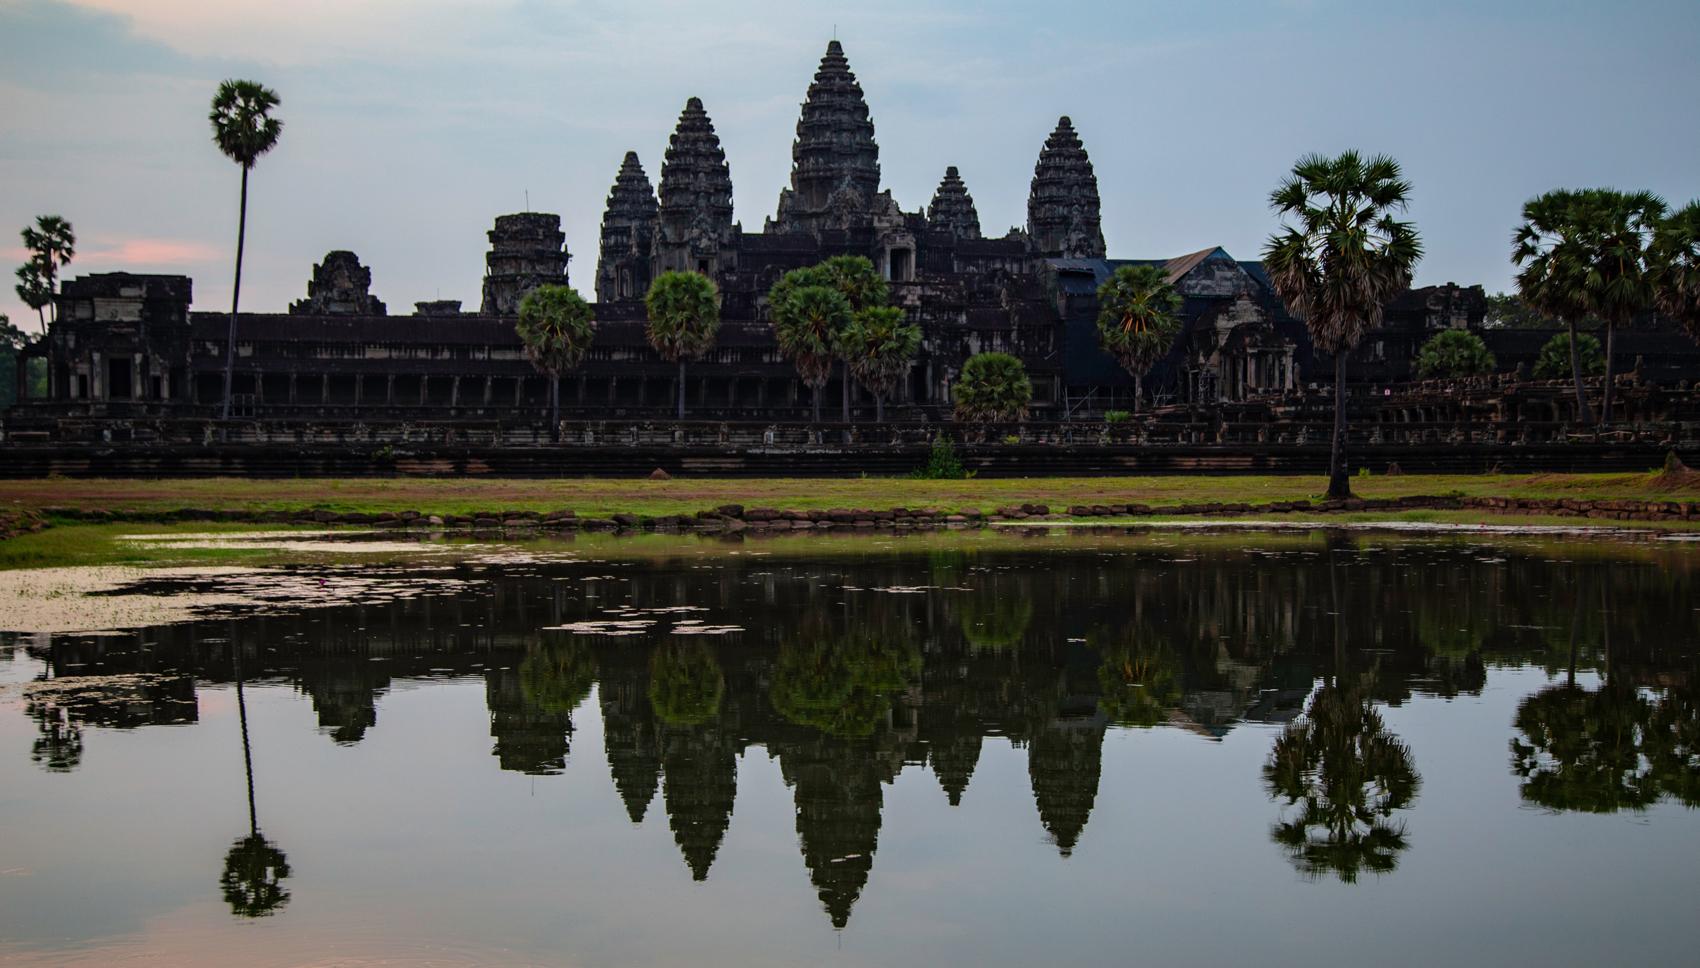 Die Tempelanlagen von Angkor Wat in Kambodscha.